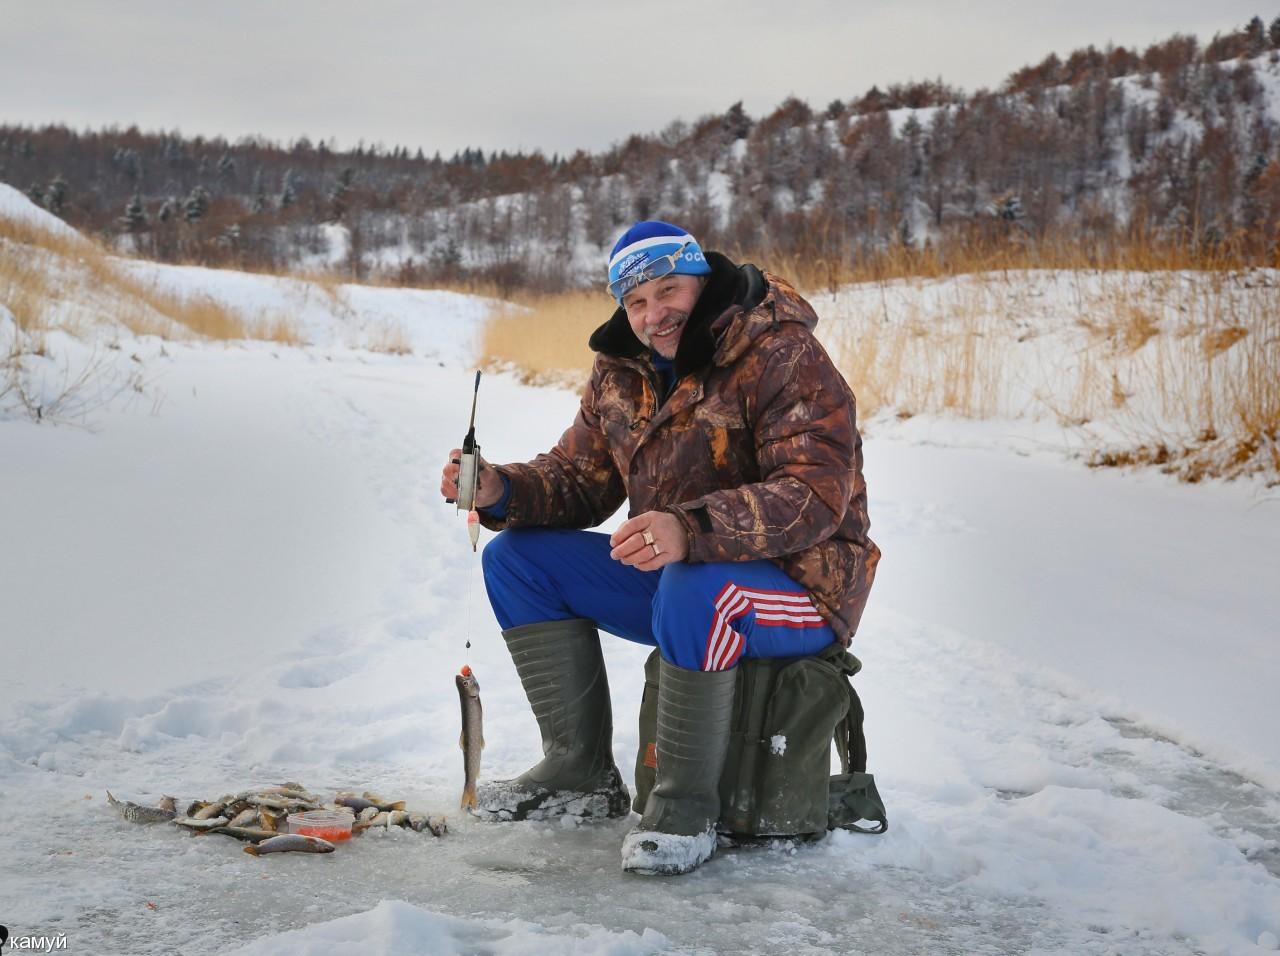 камуй: На зимней рыбалке